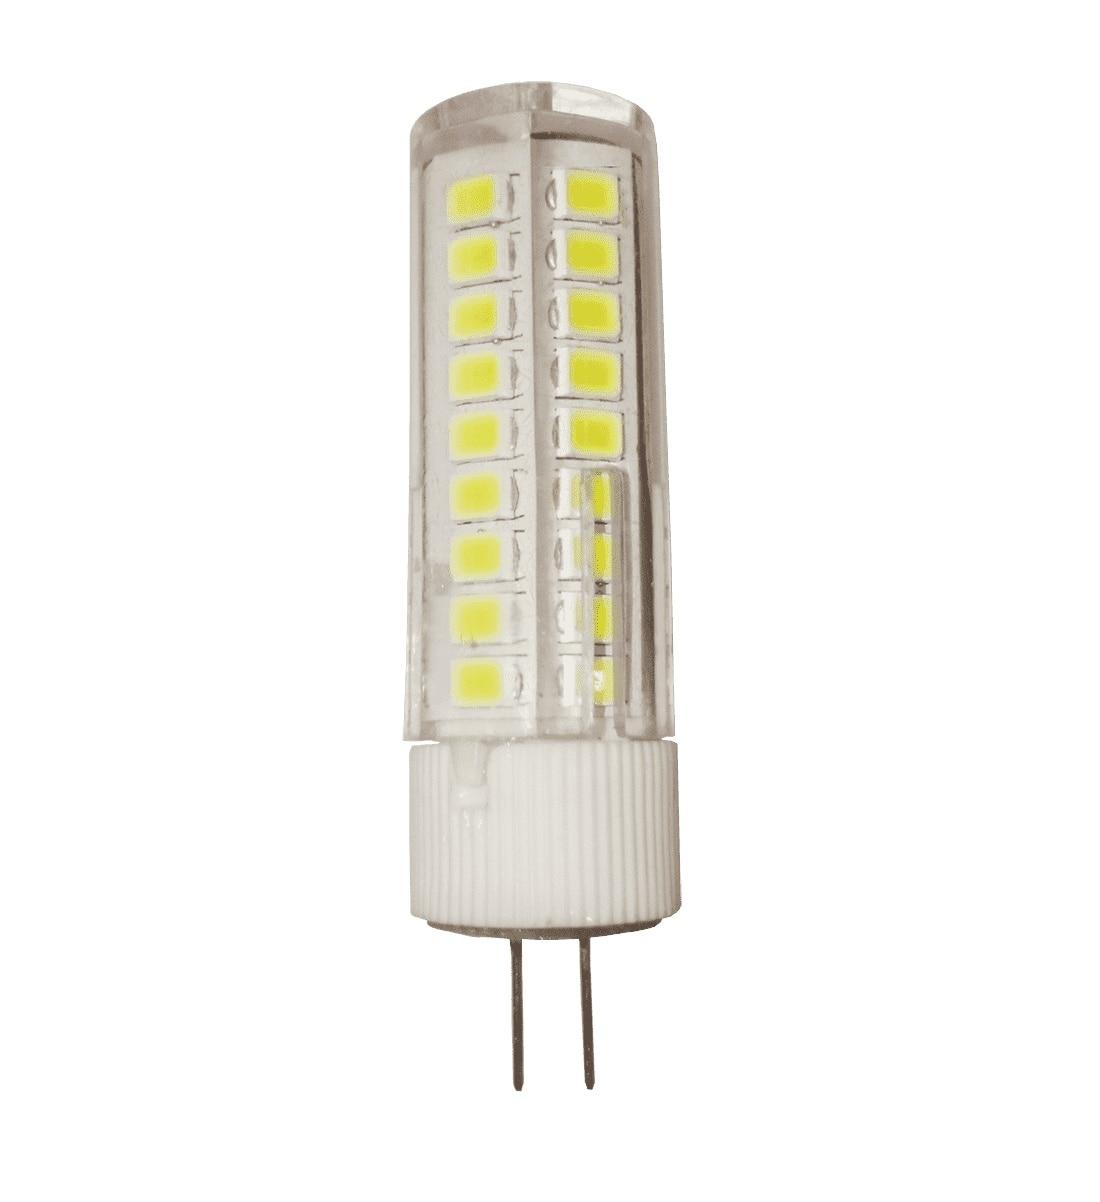 Lamp Led Led-JC-standard 5w 12v G4 3000 K 450lm ASD 4690612004655